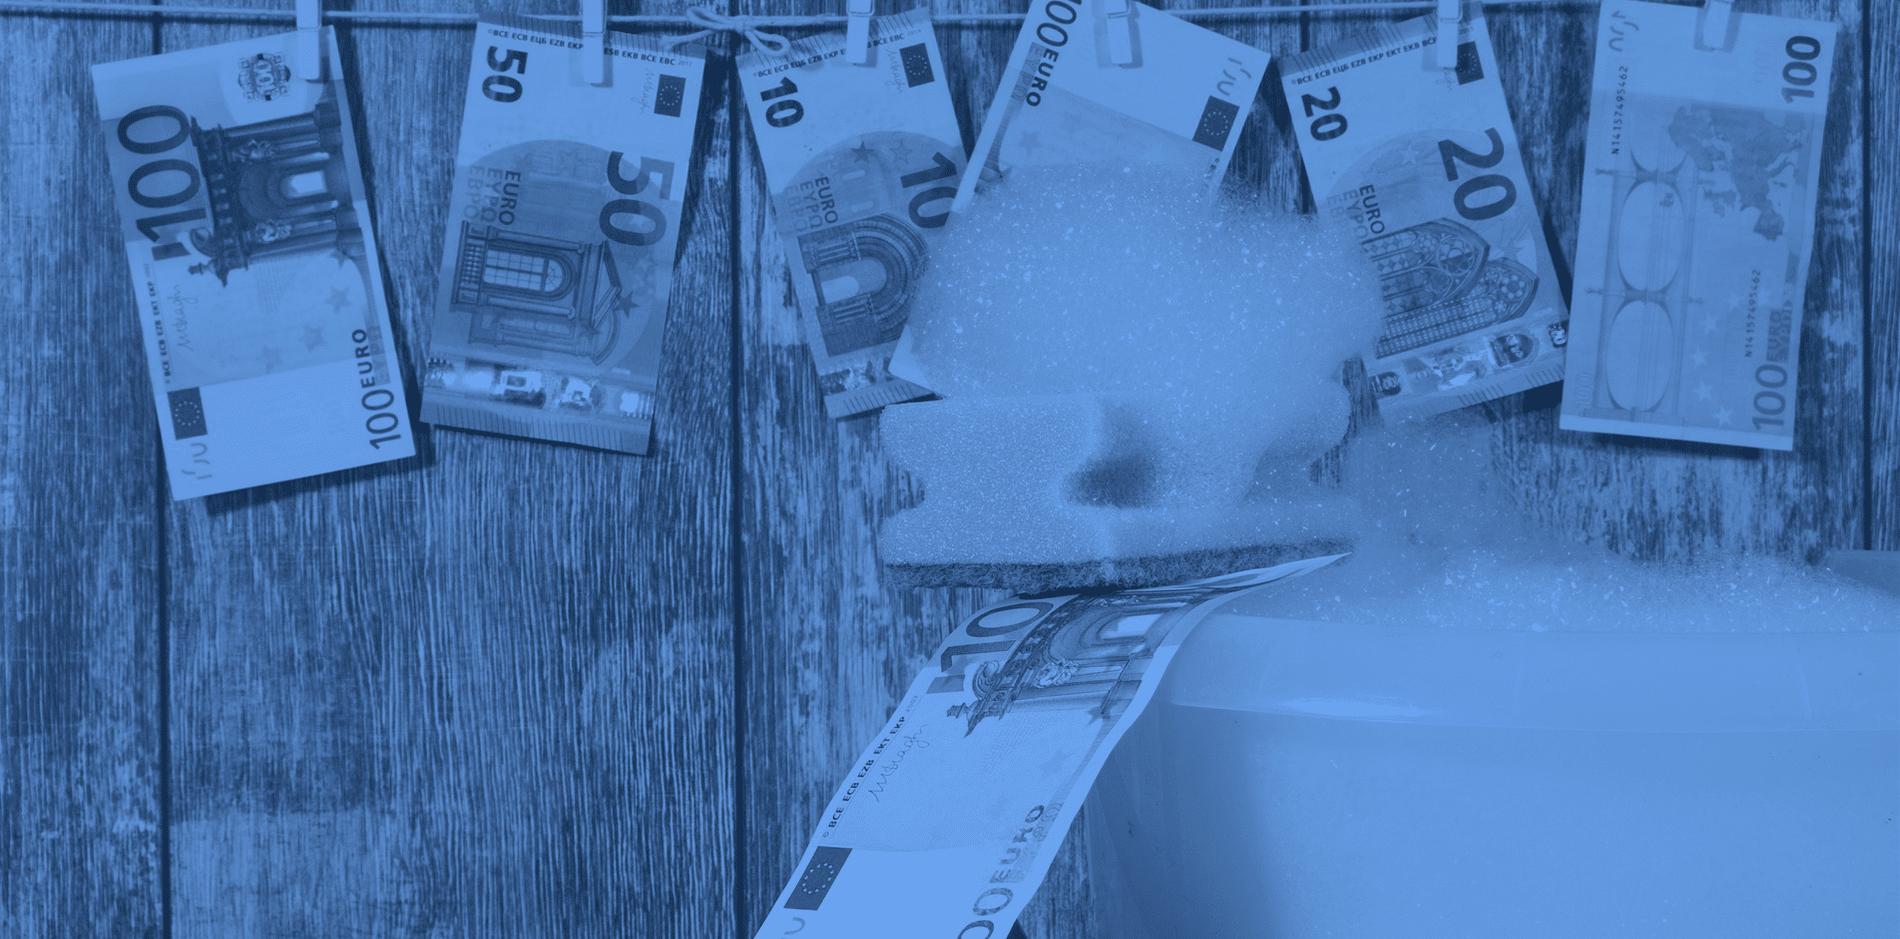 Blog LCBFT Blachissement d'argent et financement du terrorisme